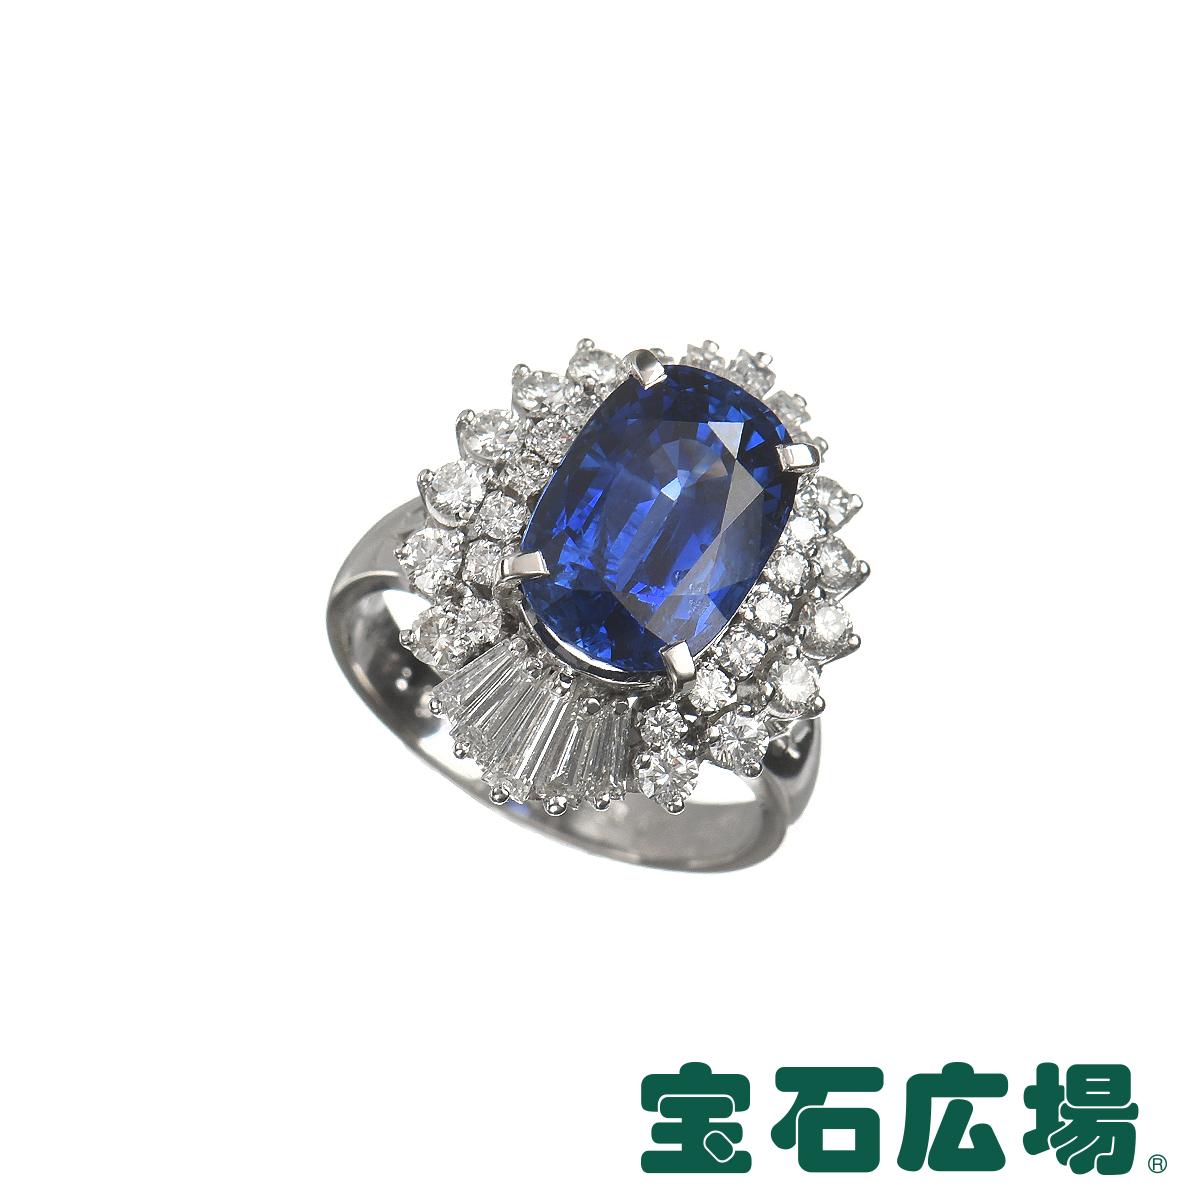 ノーブランド サファイア・バゲットダイヤ・ダイヤ リング 【中古】 ジュエリー 送料無料